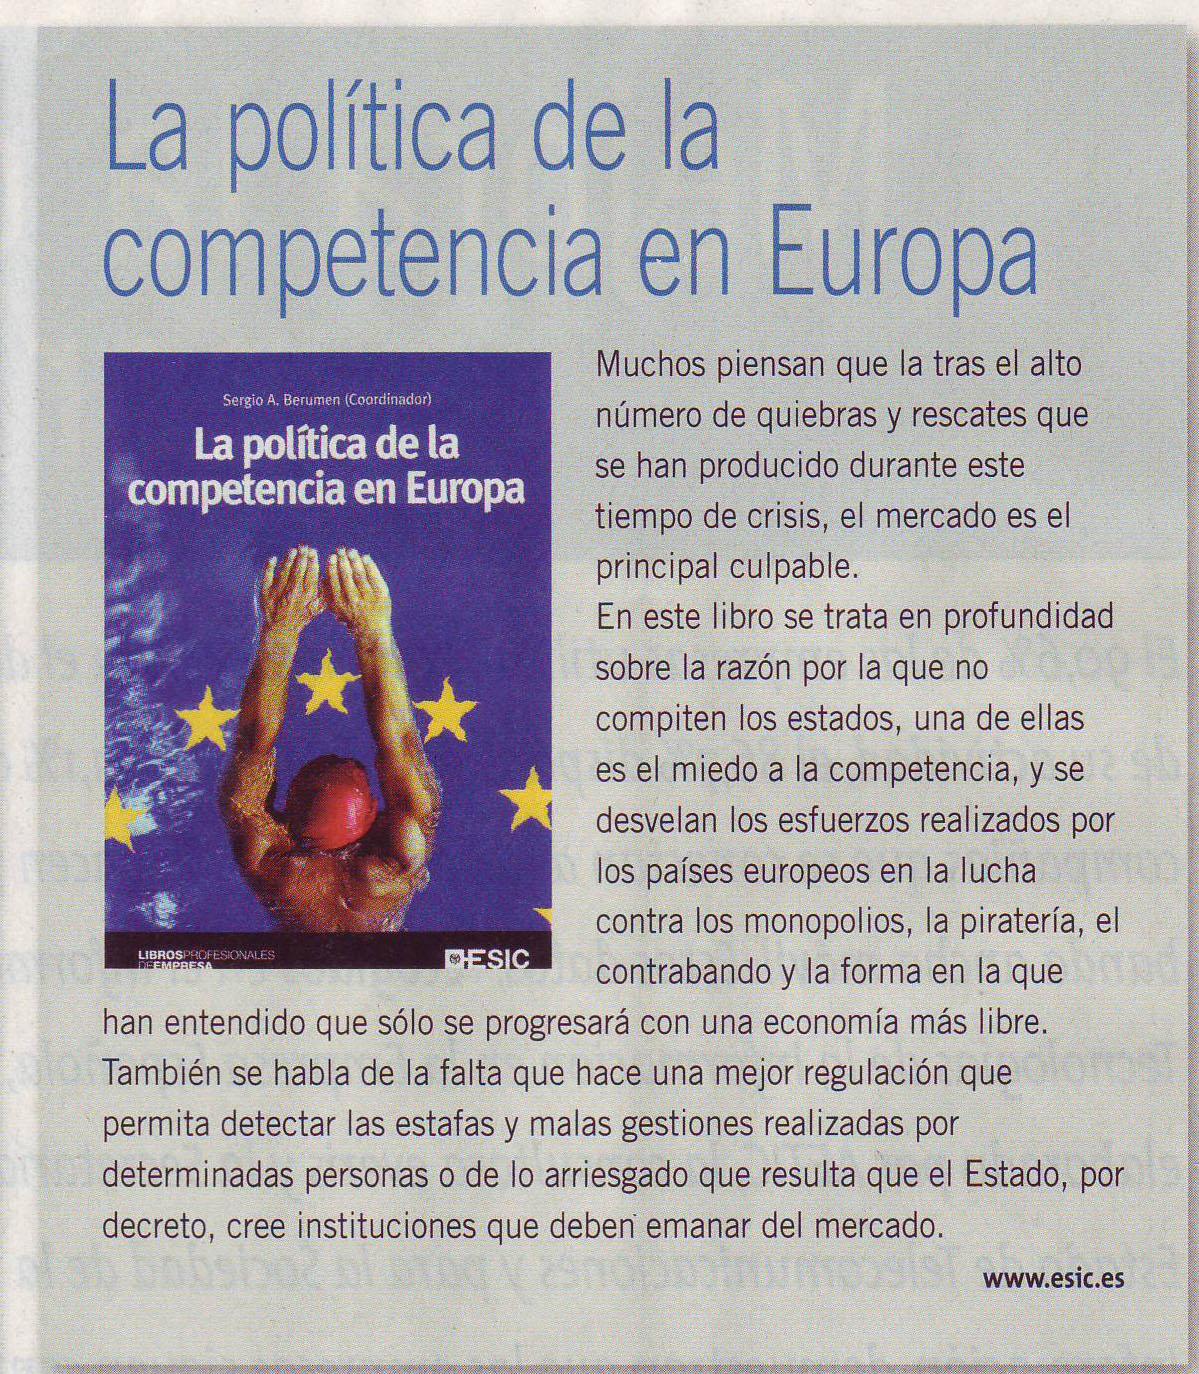 La pol tica de la competencia en europa finanzas for La politica internacional